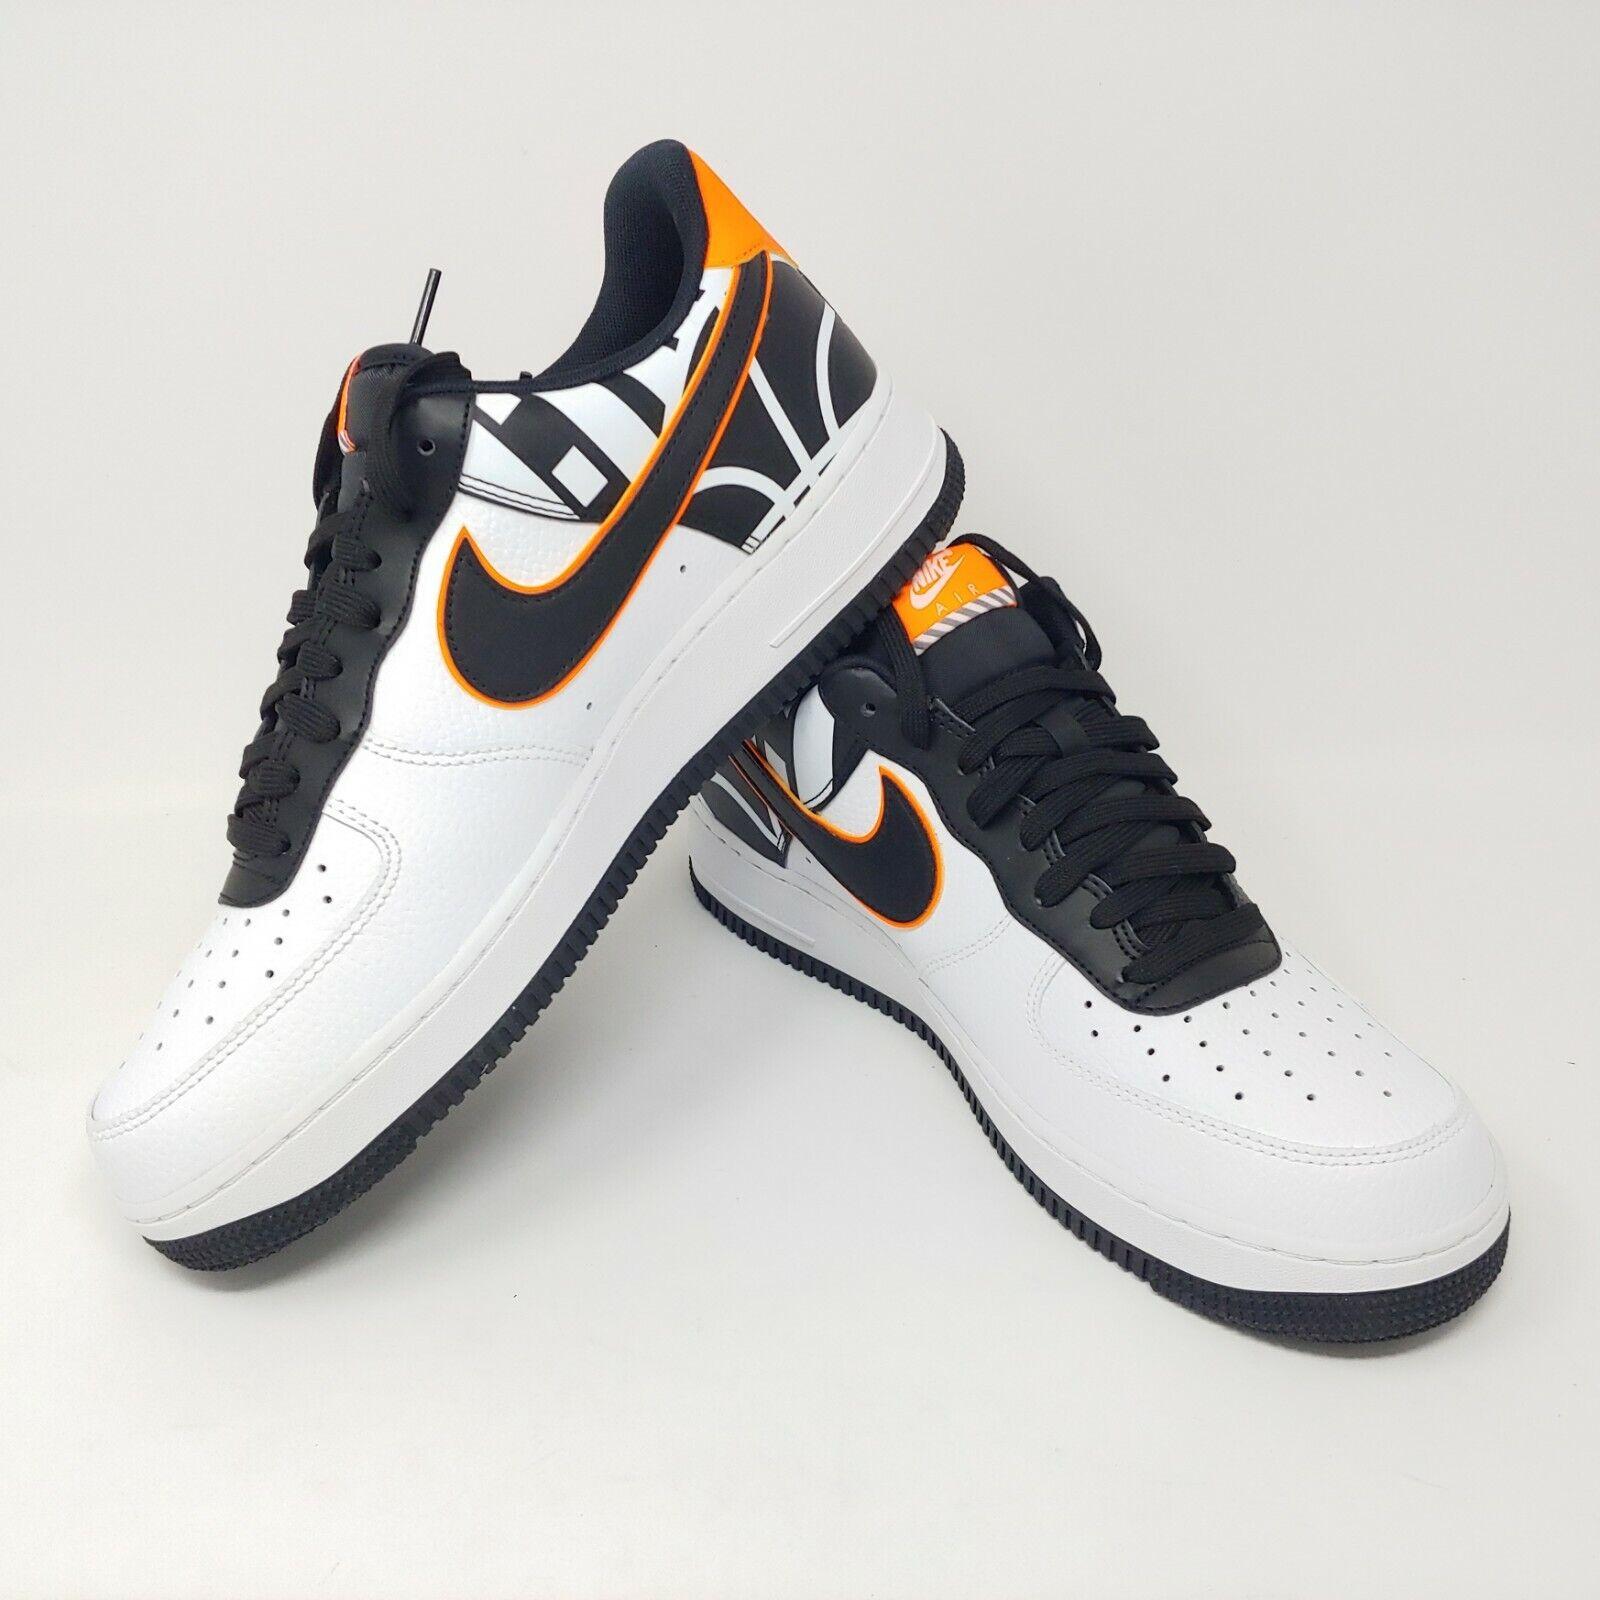 Nike Air Force 0.3m07 Lv8 Weiß Weiß Weiß Schwarz Neon Orange Af1 Niedrige Turnschuhe 097d9f